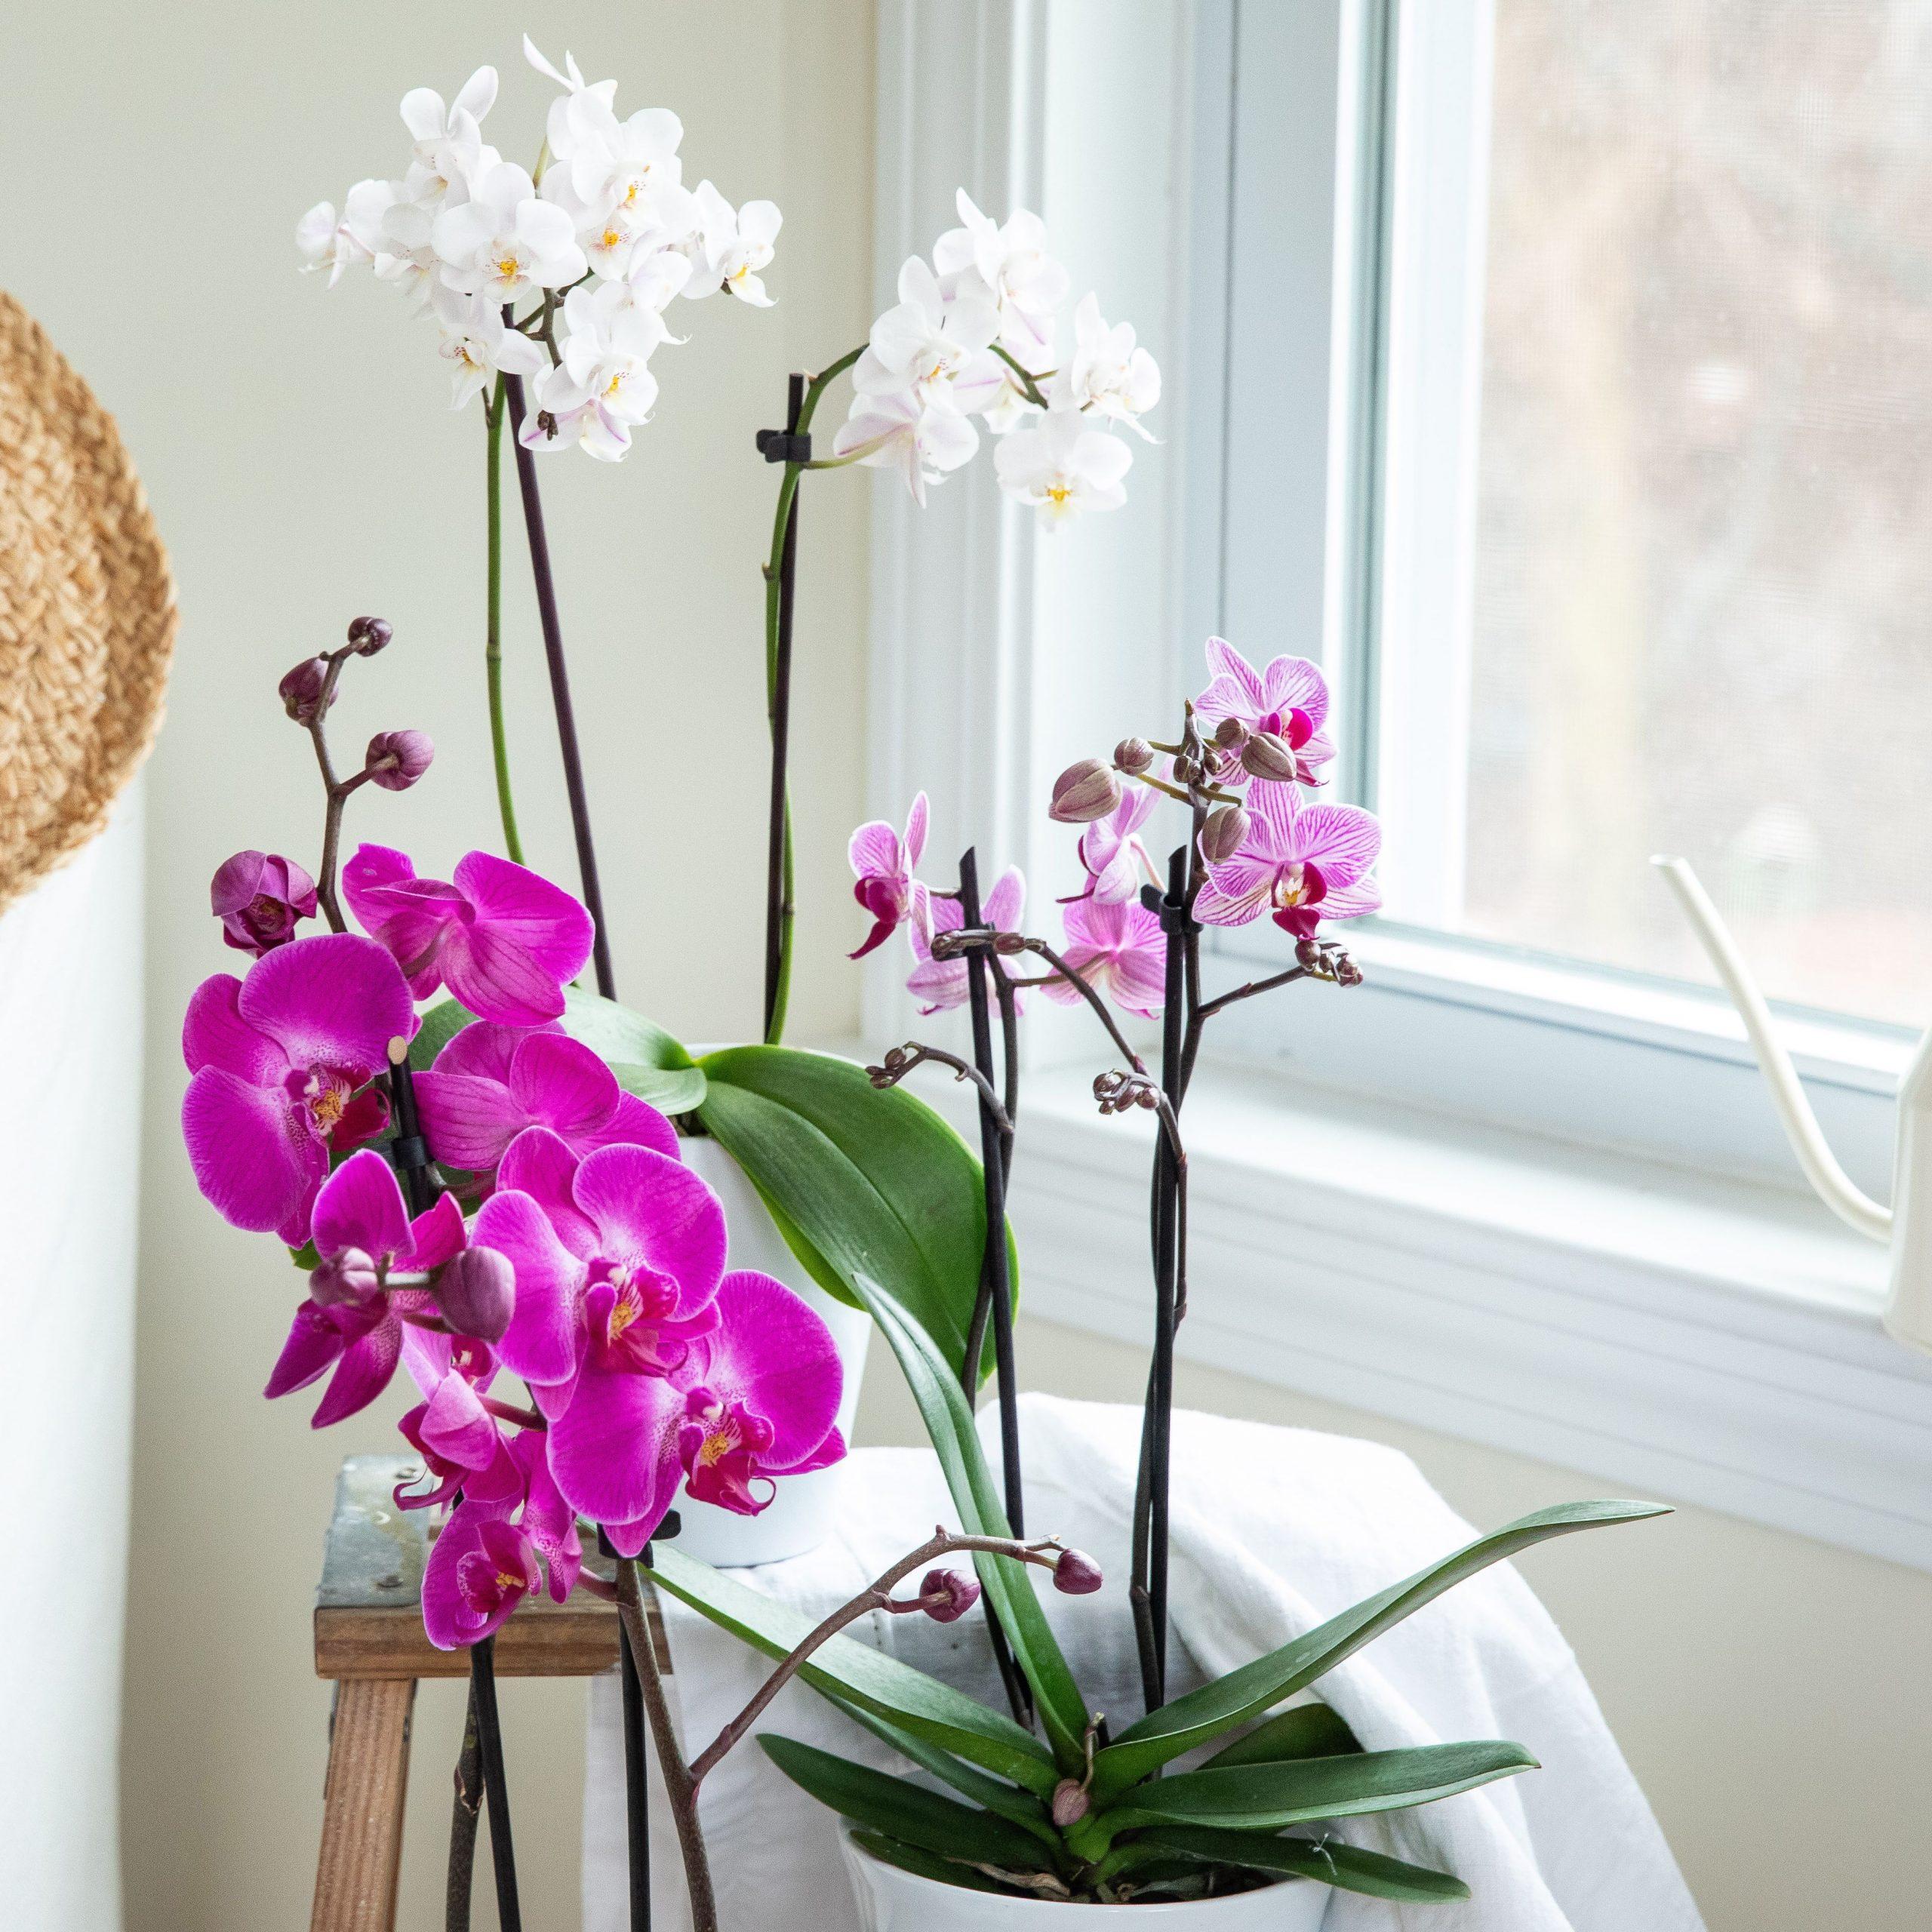 Bật mí cách chăm Lan Hồ Điệp ra hoa rực rỡ